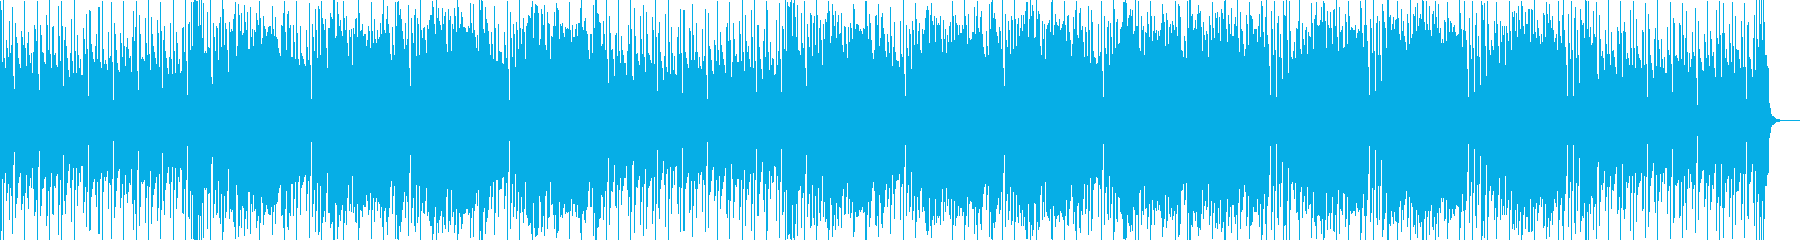 陽気で開放的なスカの再生済みの波形